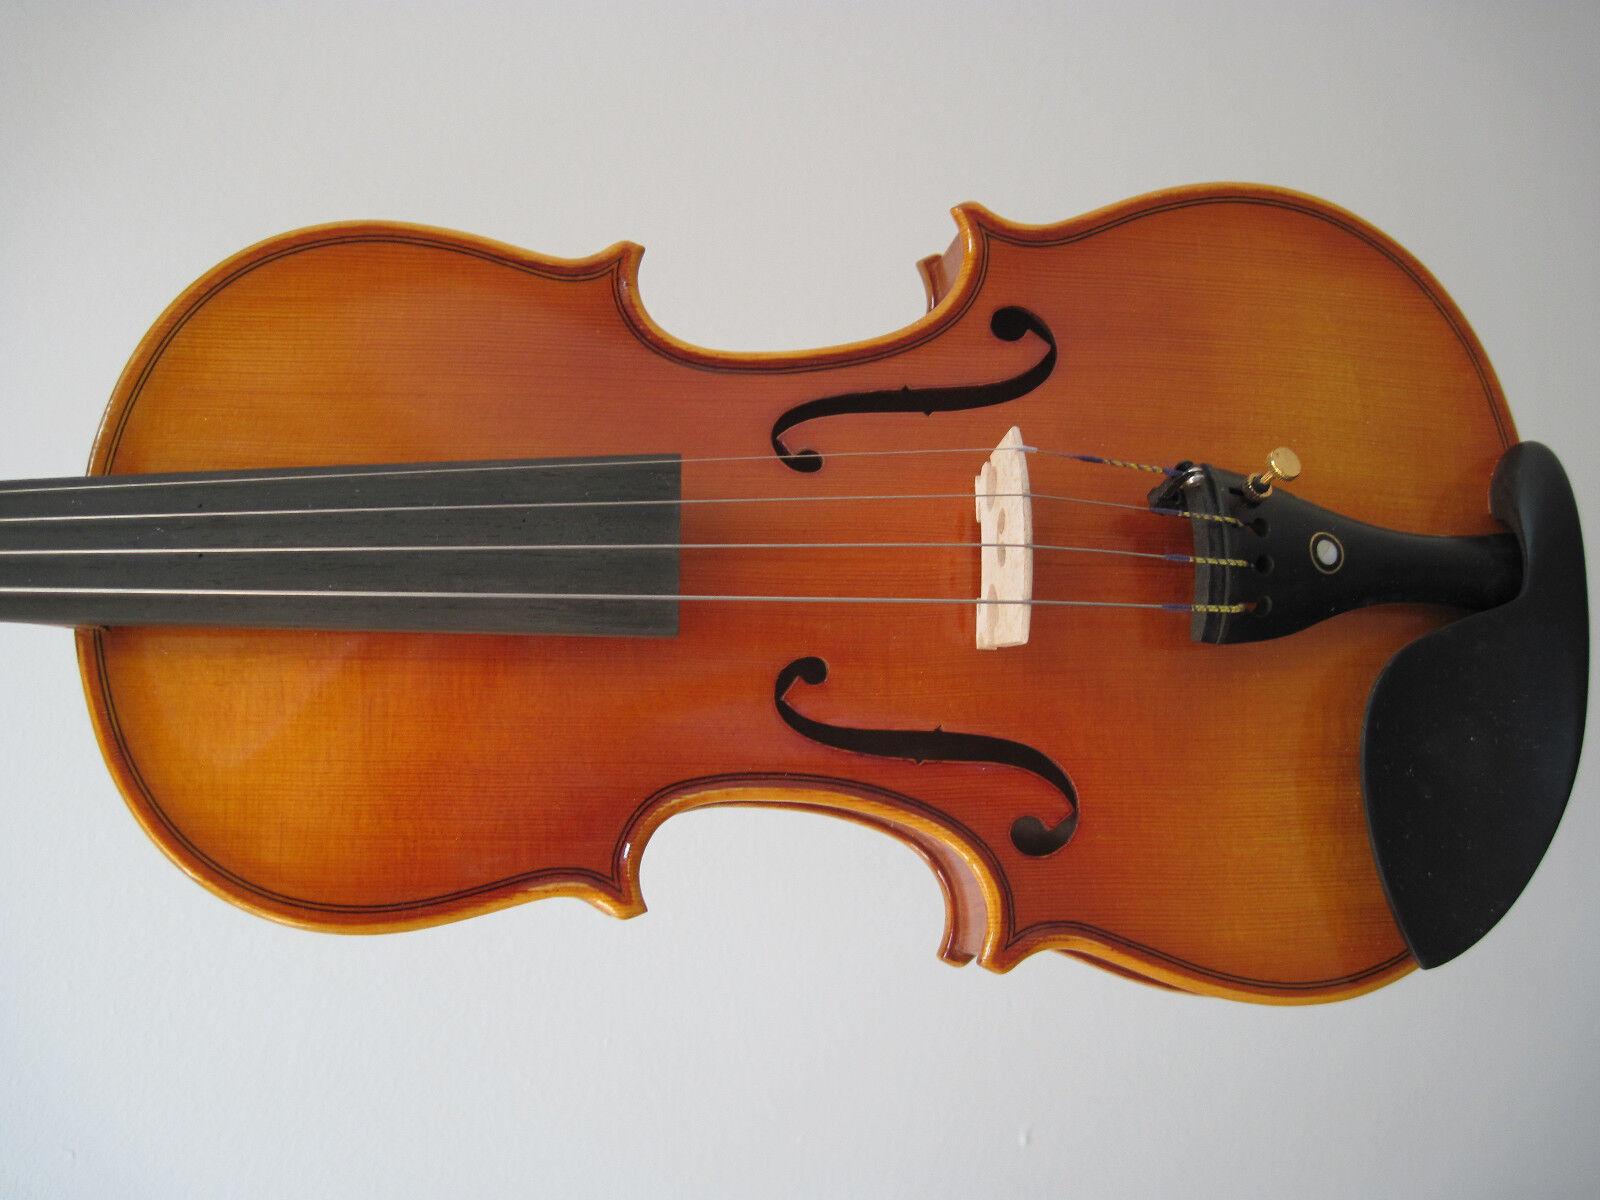 1/2 hochwertige Kindergeige/Violine, Handfertigung und Handlackierung